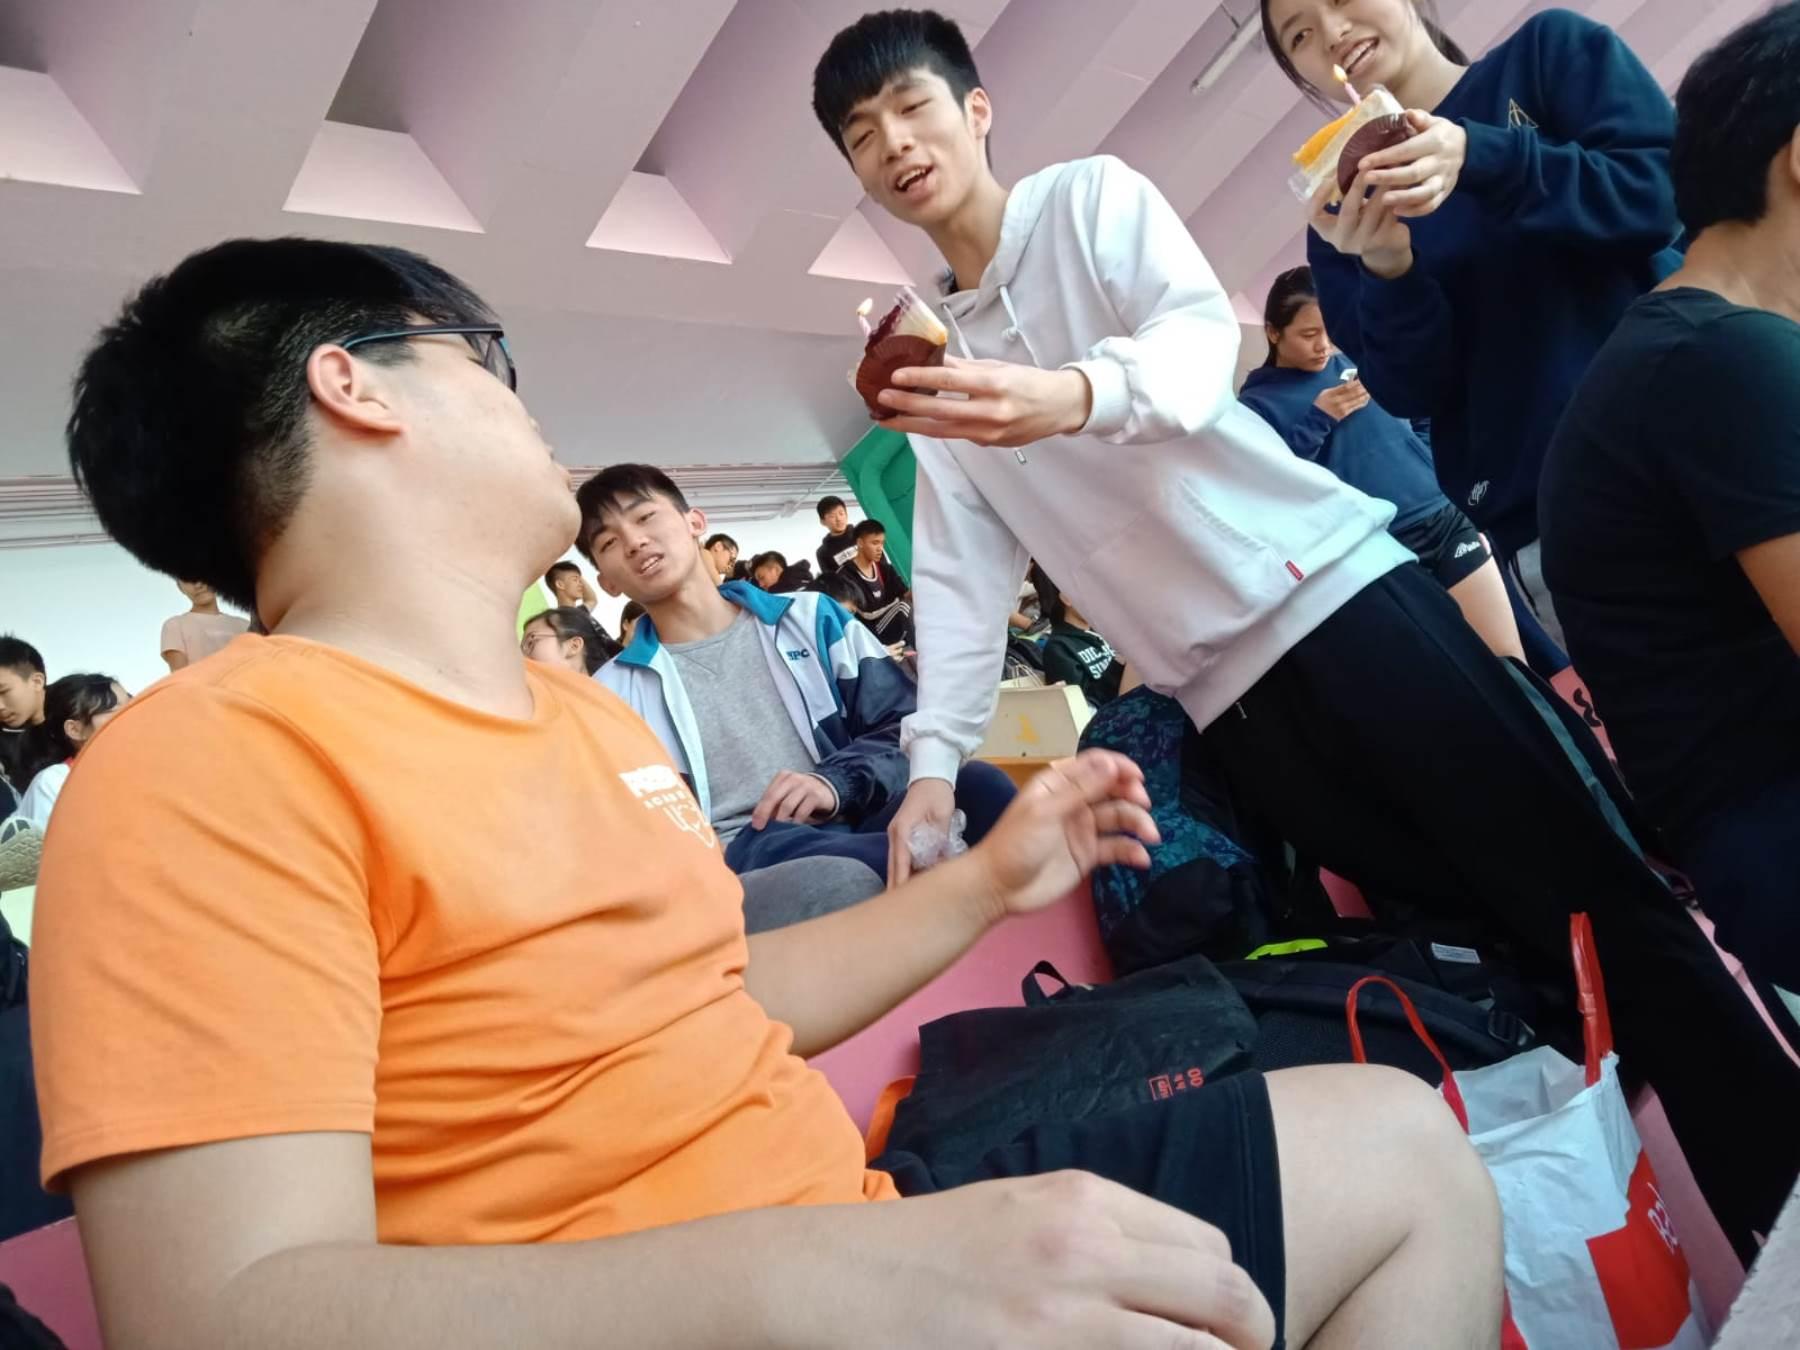 http://npc.edu.hk/sites/default/files/7c5e1955-2413-4450-9737-06f7185e9142.jpg